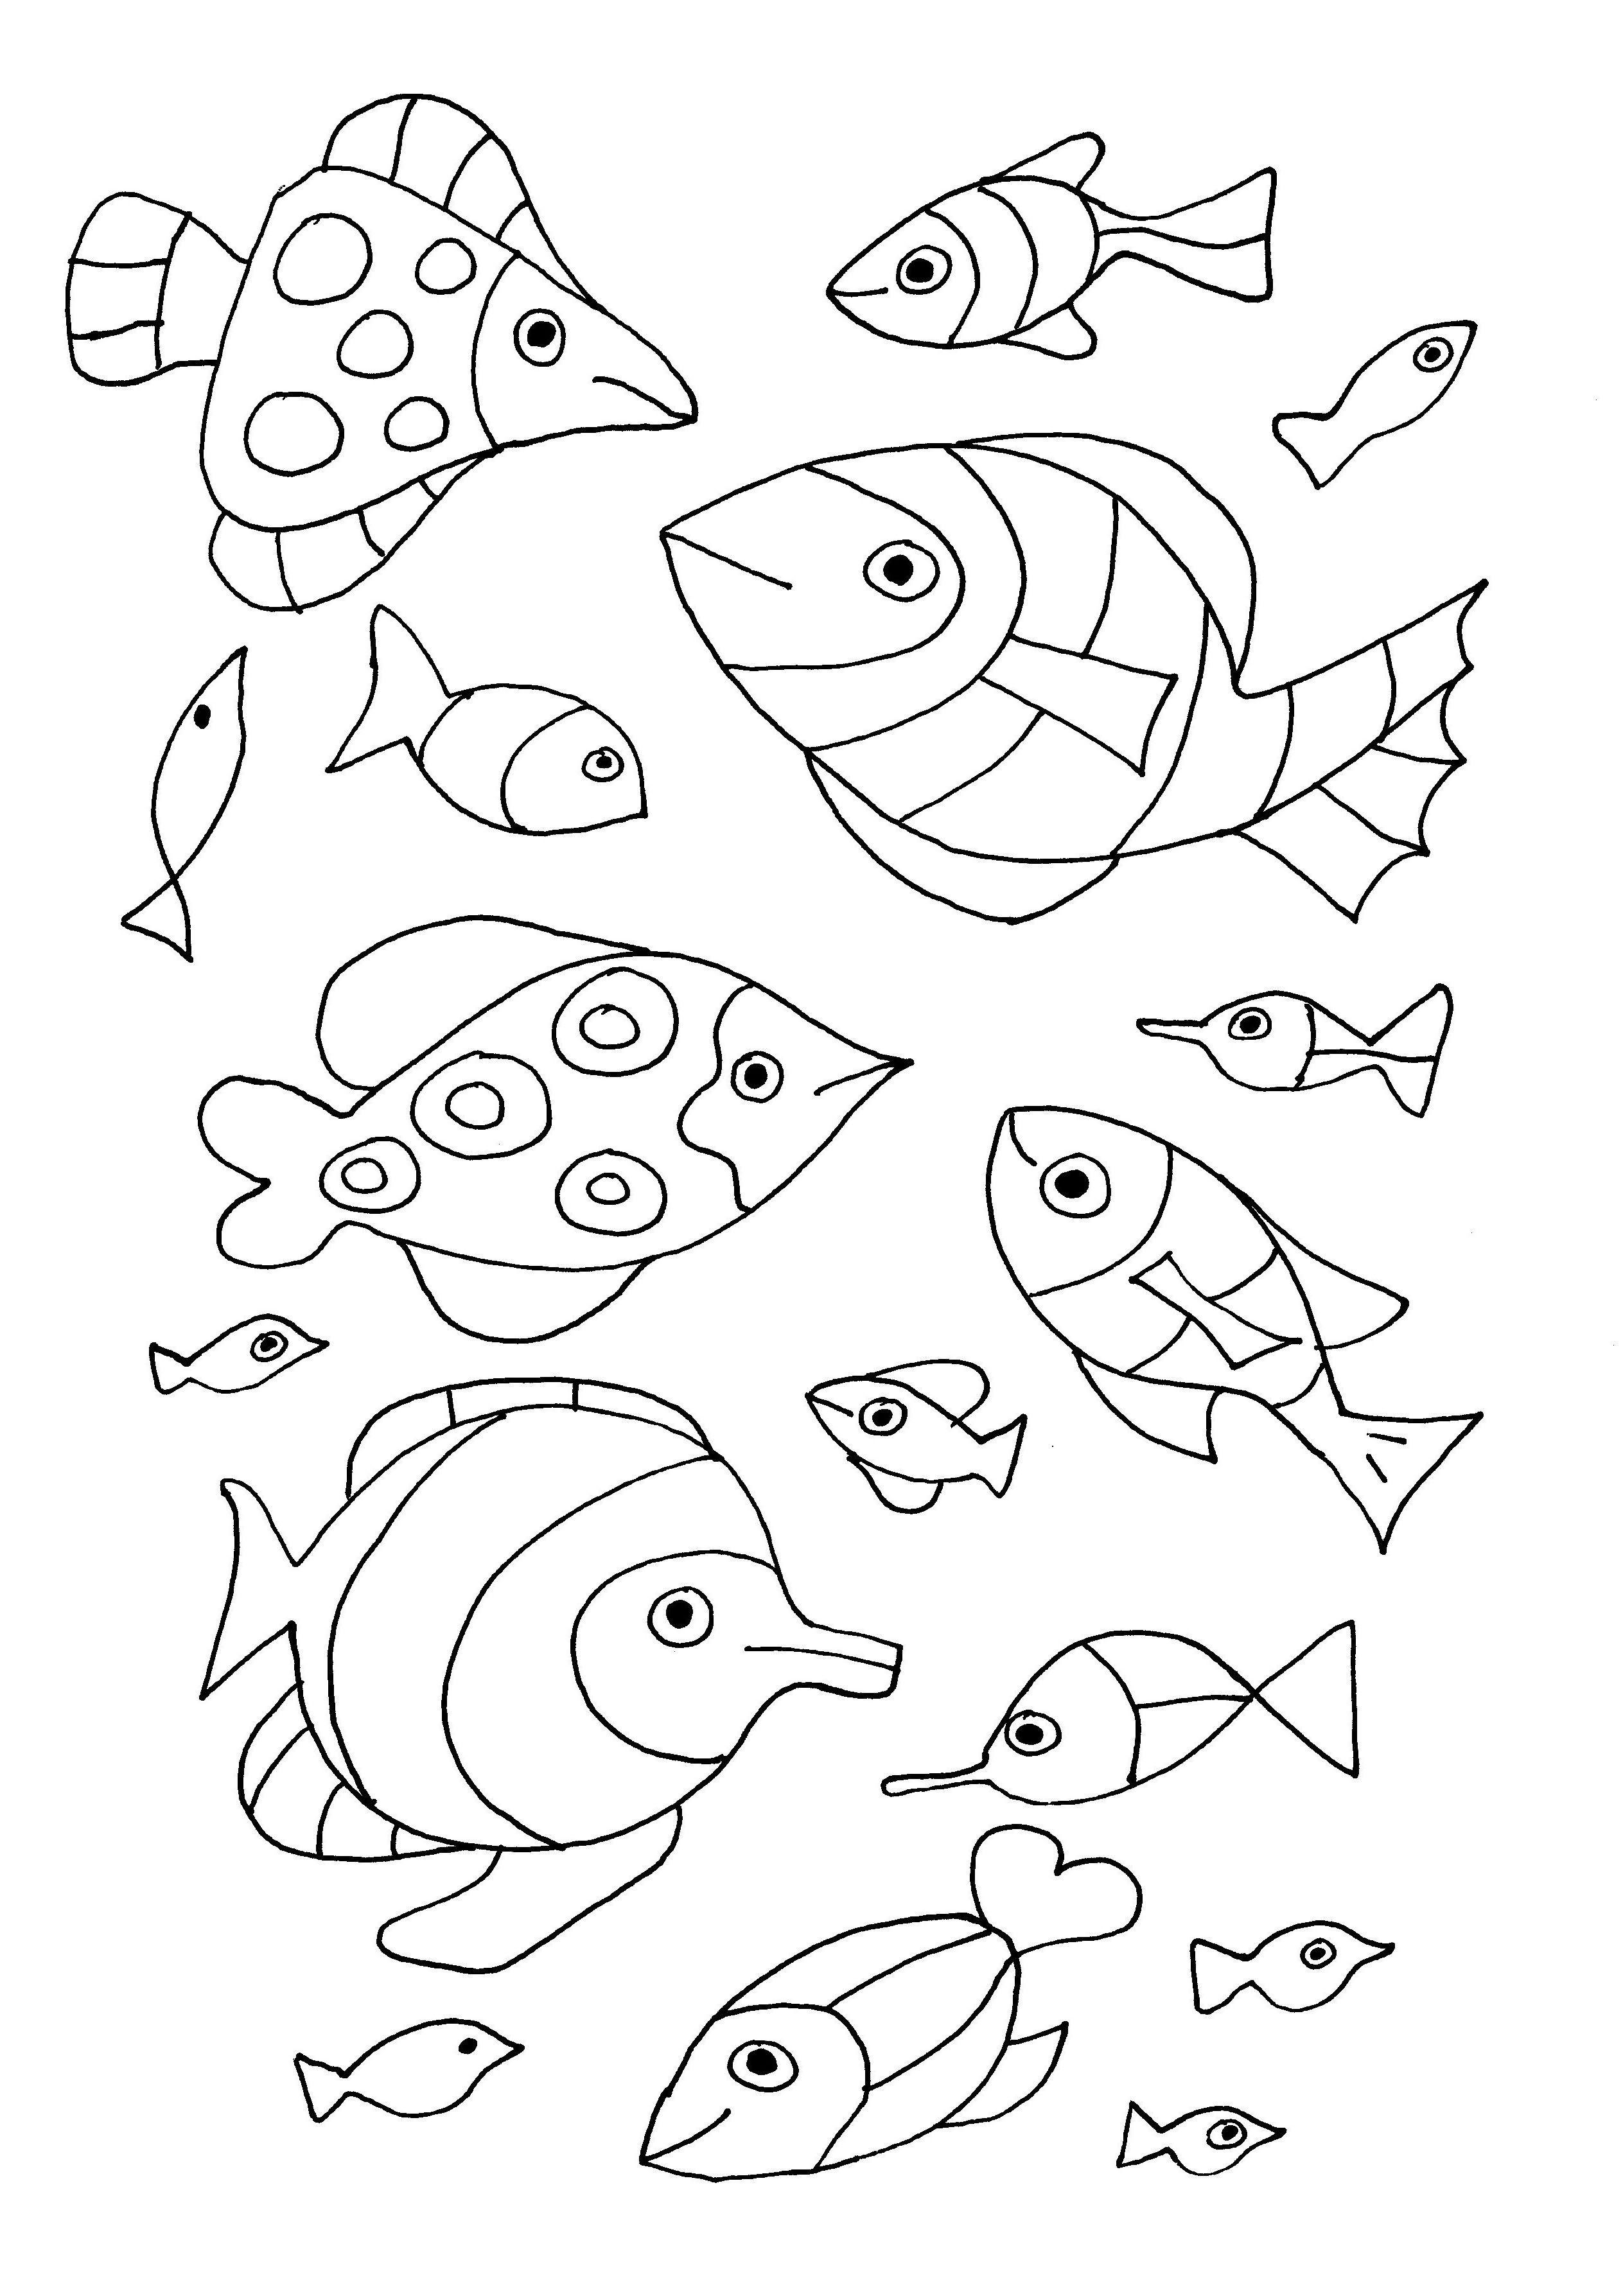 Pour imprimer ce coloriage gratuit coloriage gratuit - Poisson dessin ...